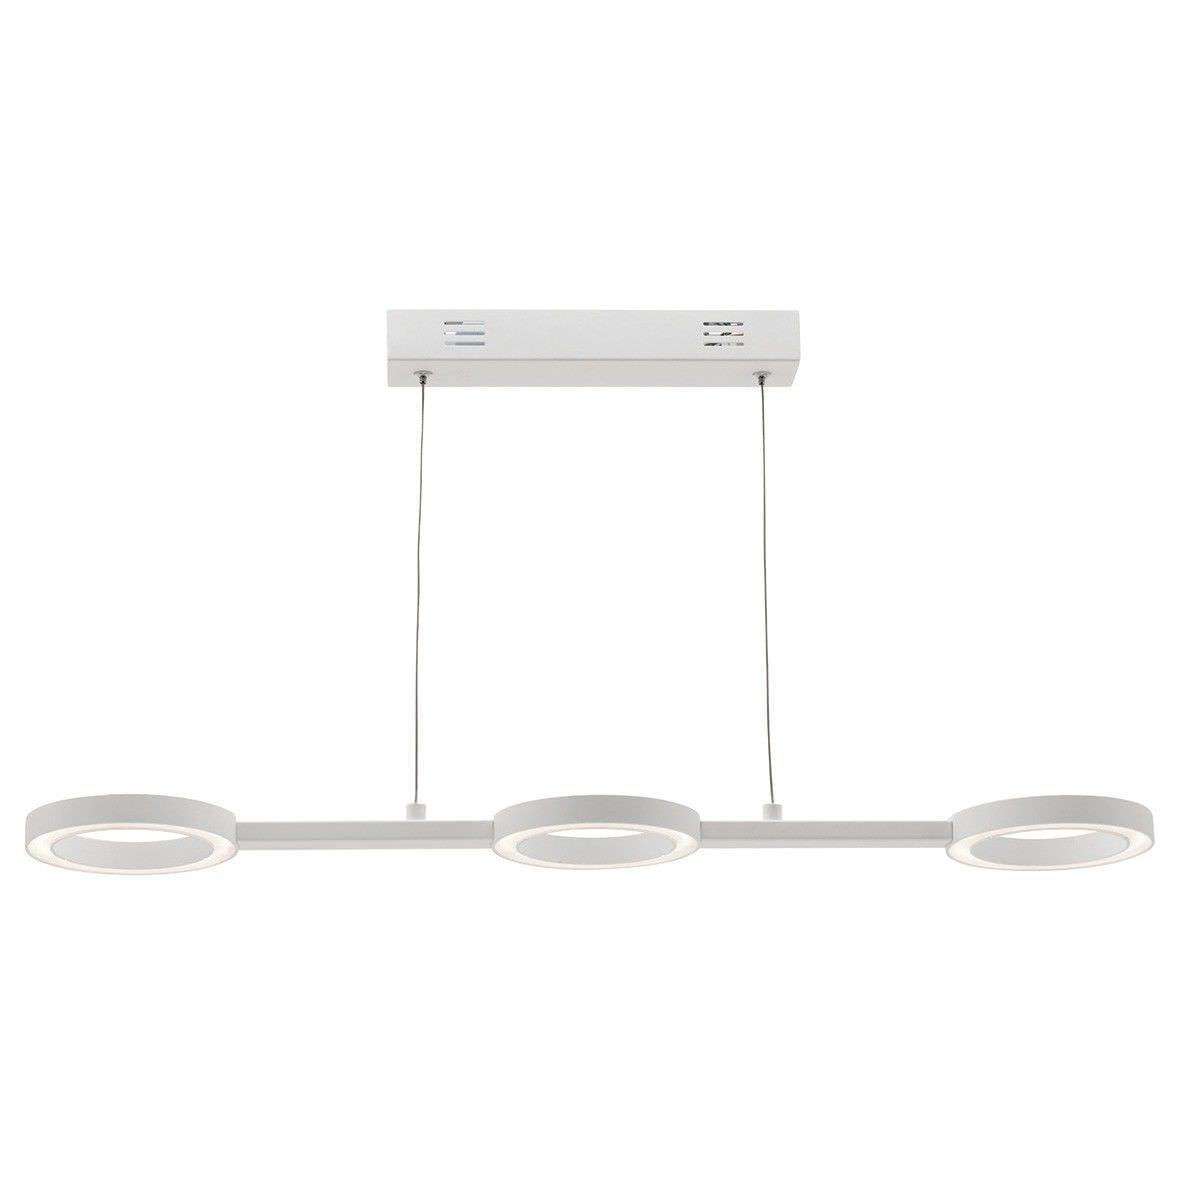 Omega Aluminium 3 Ring LED Pendant Light